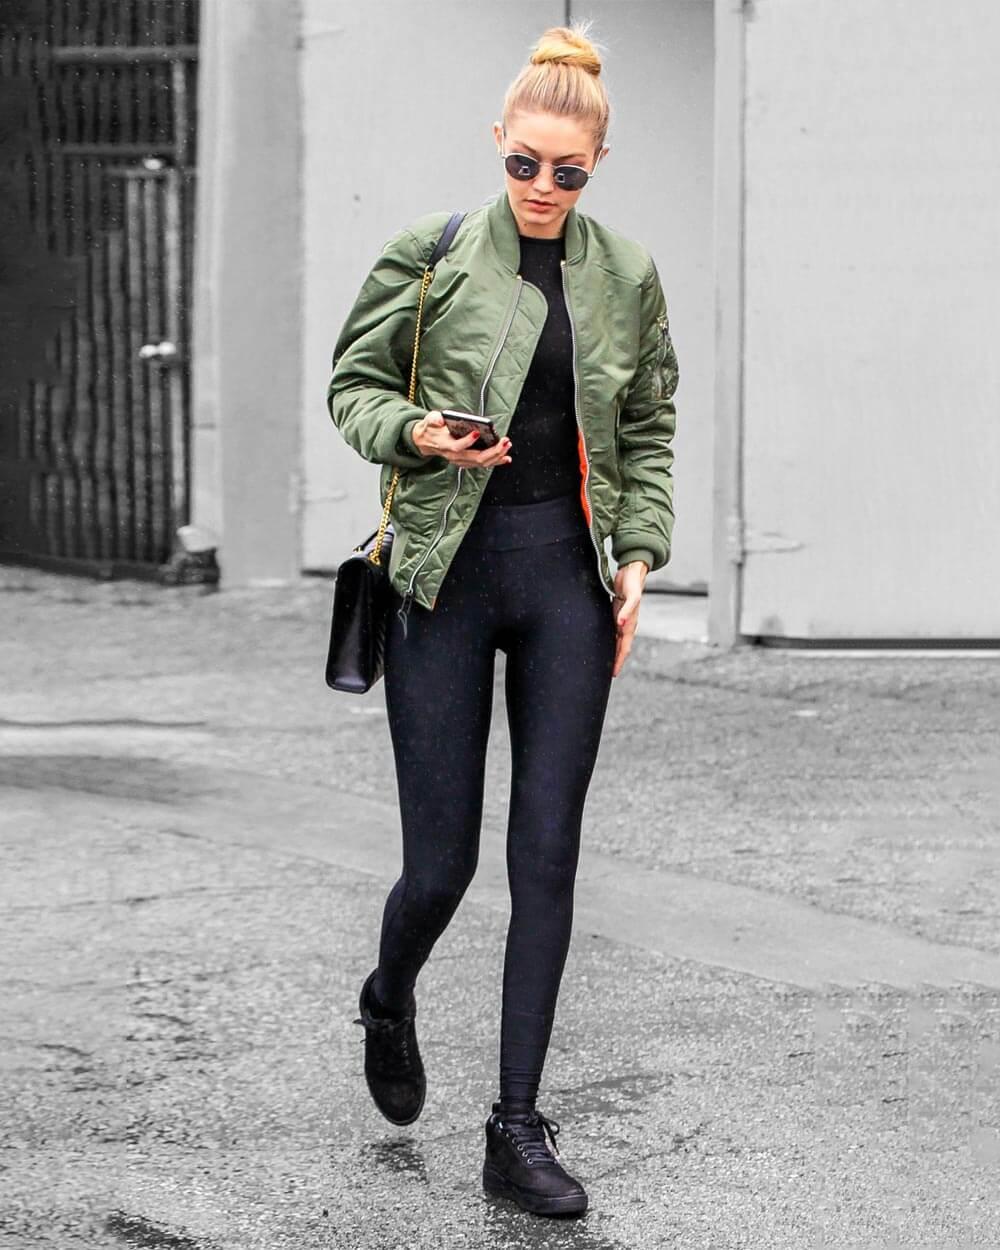 Oversized bomber jacket fashion trends 2021